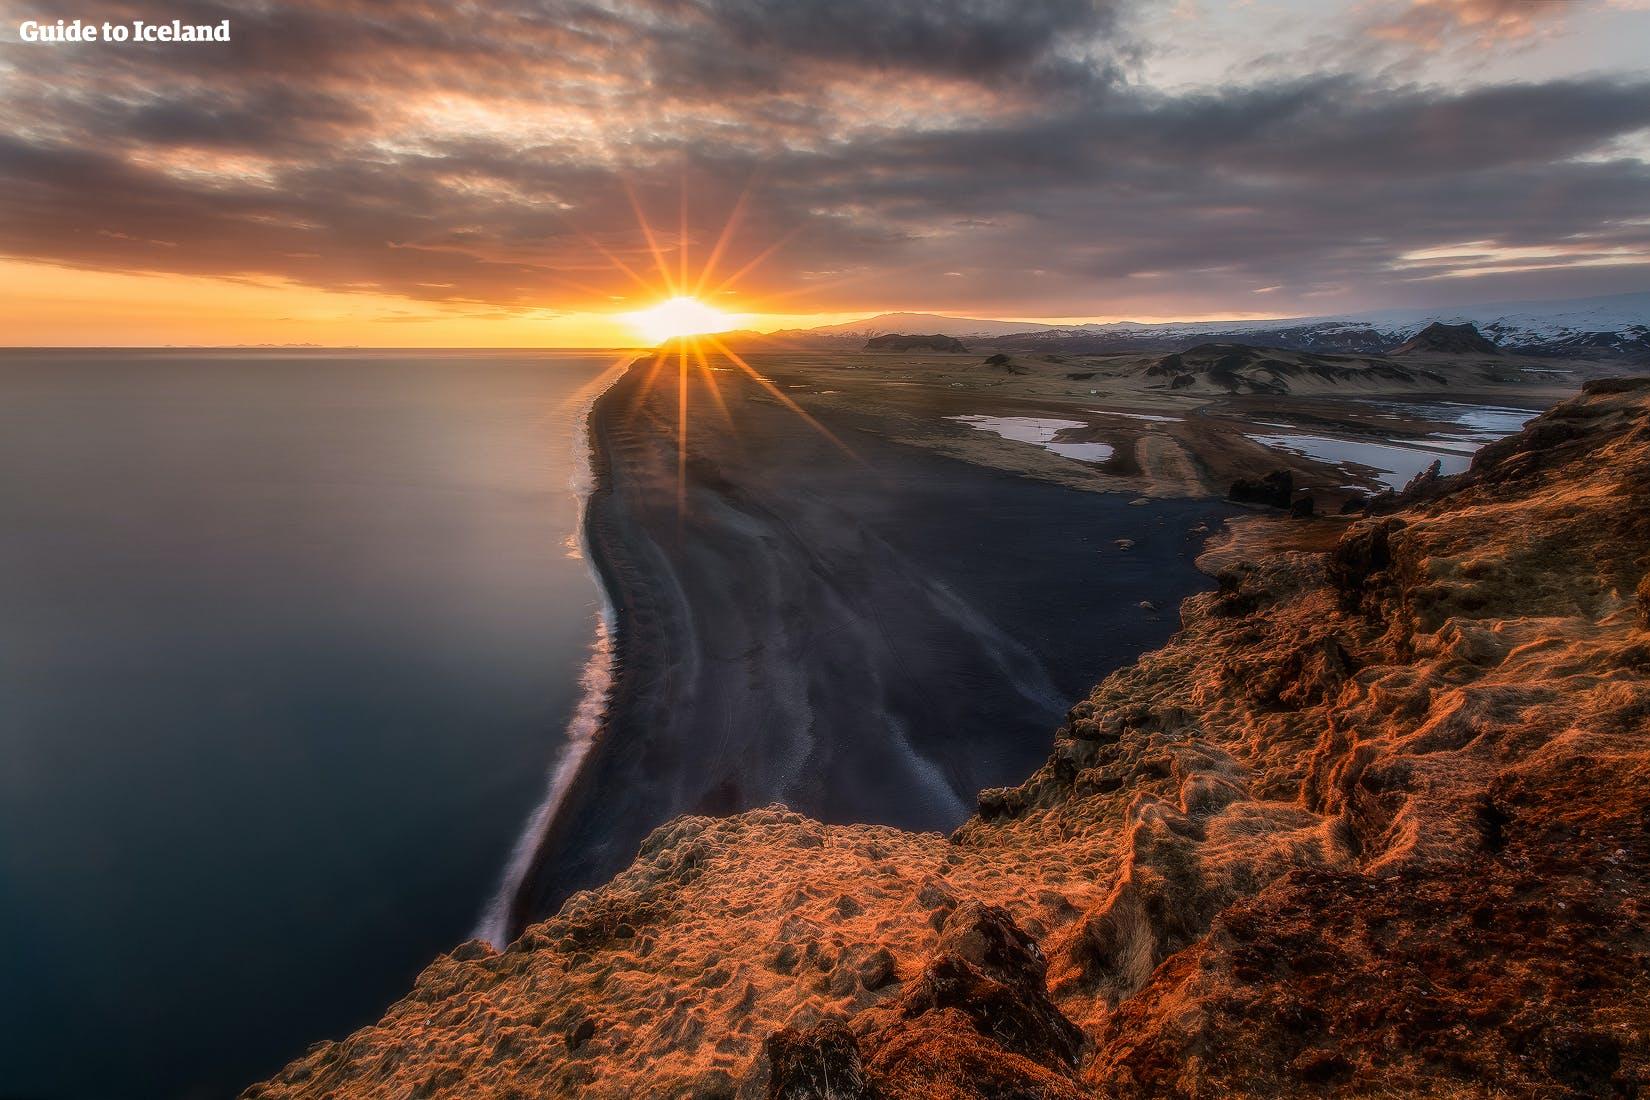 아이슬란드 3박 4일 여름 휴가